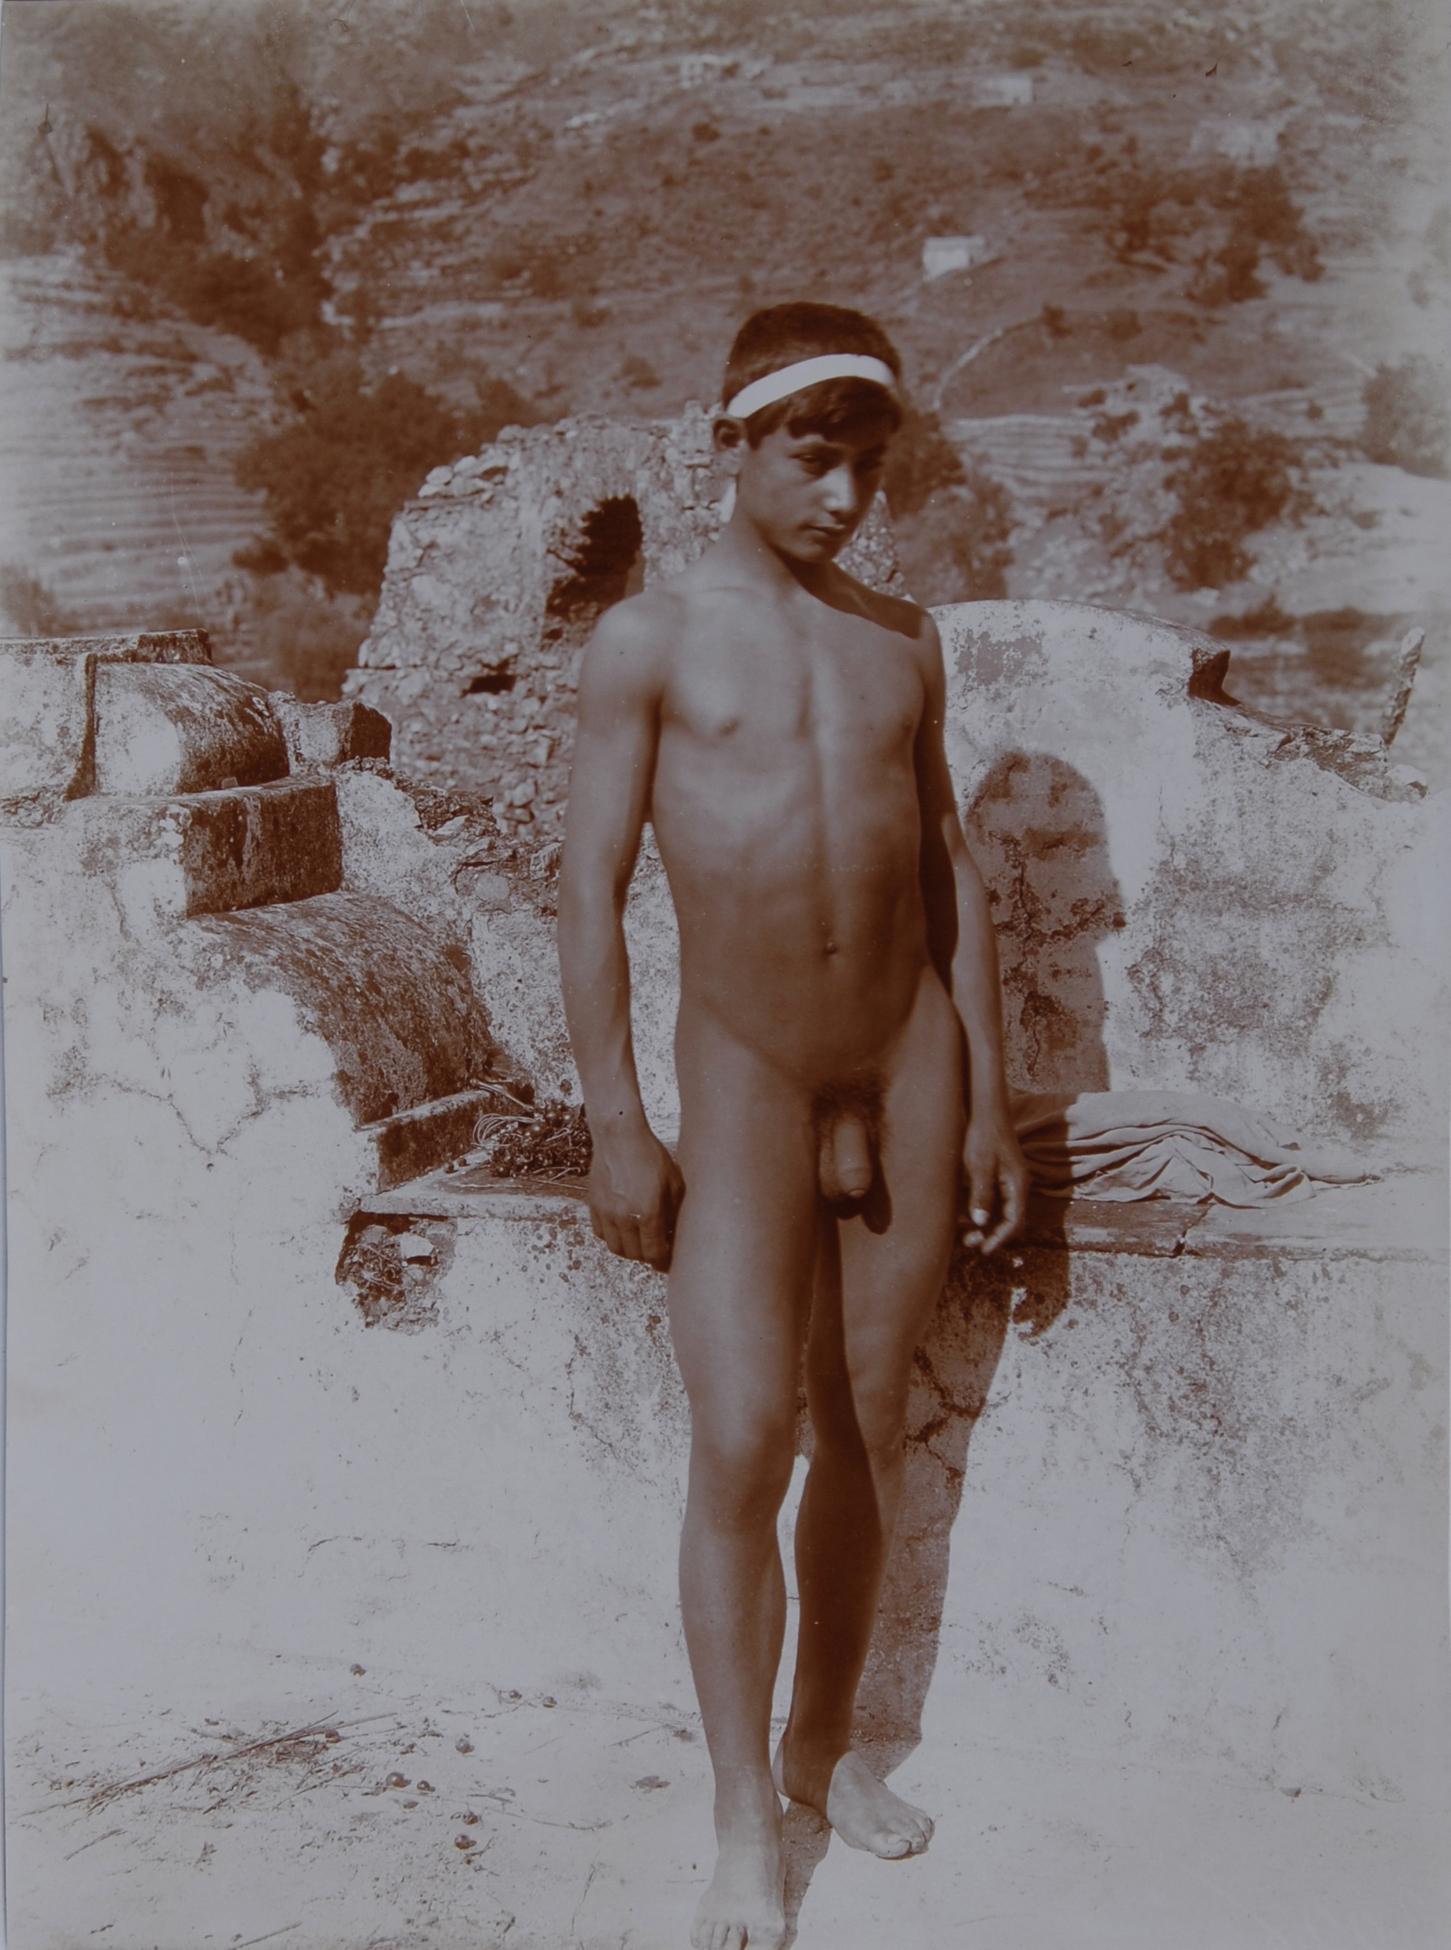 Gloeden Wilhelm von, 2 photographs: Sizilianischer Jüngling; Zwei sizilianische Jünglinge